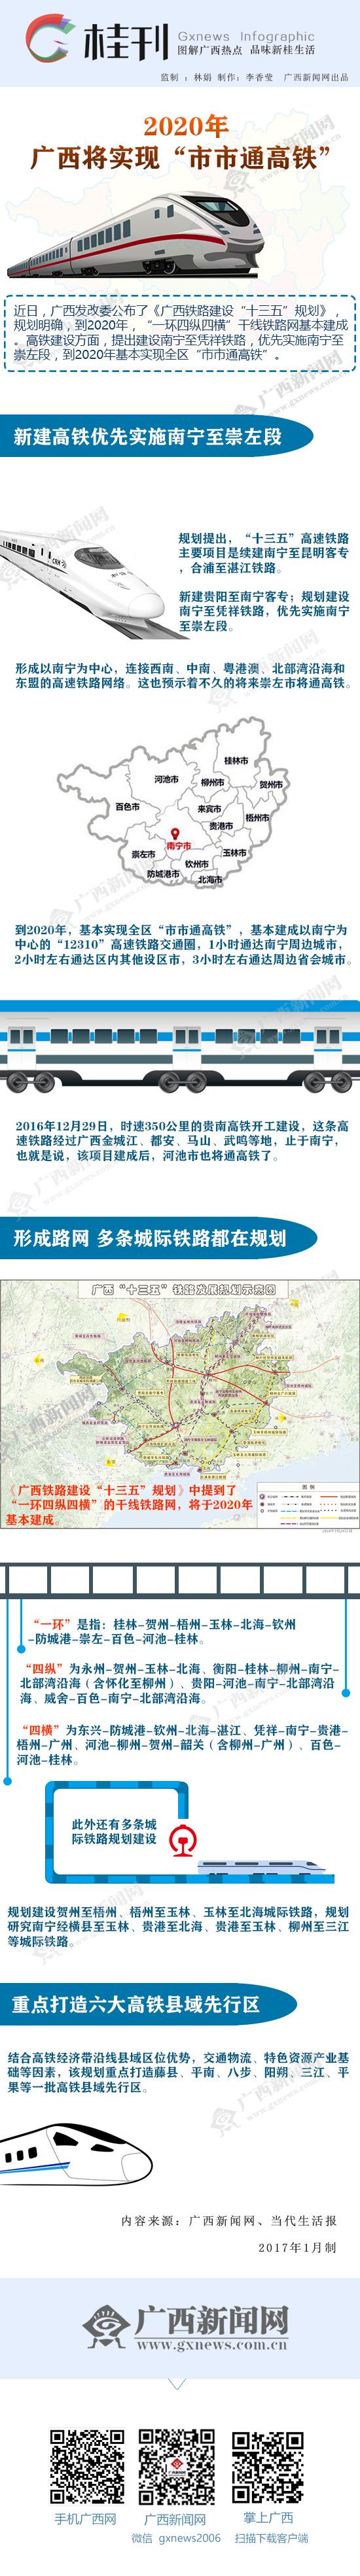 """【桂刊】2020年广西将实现""""市市通高铁"""""""